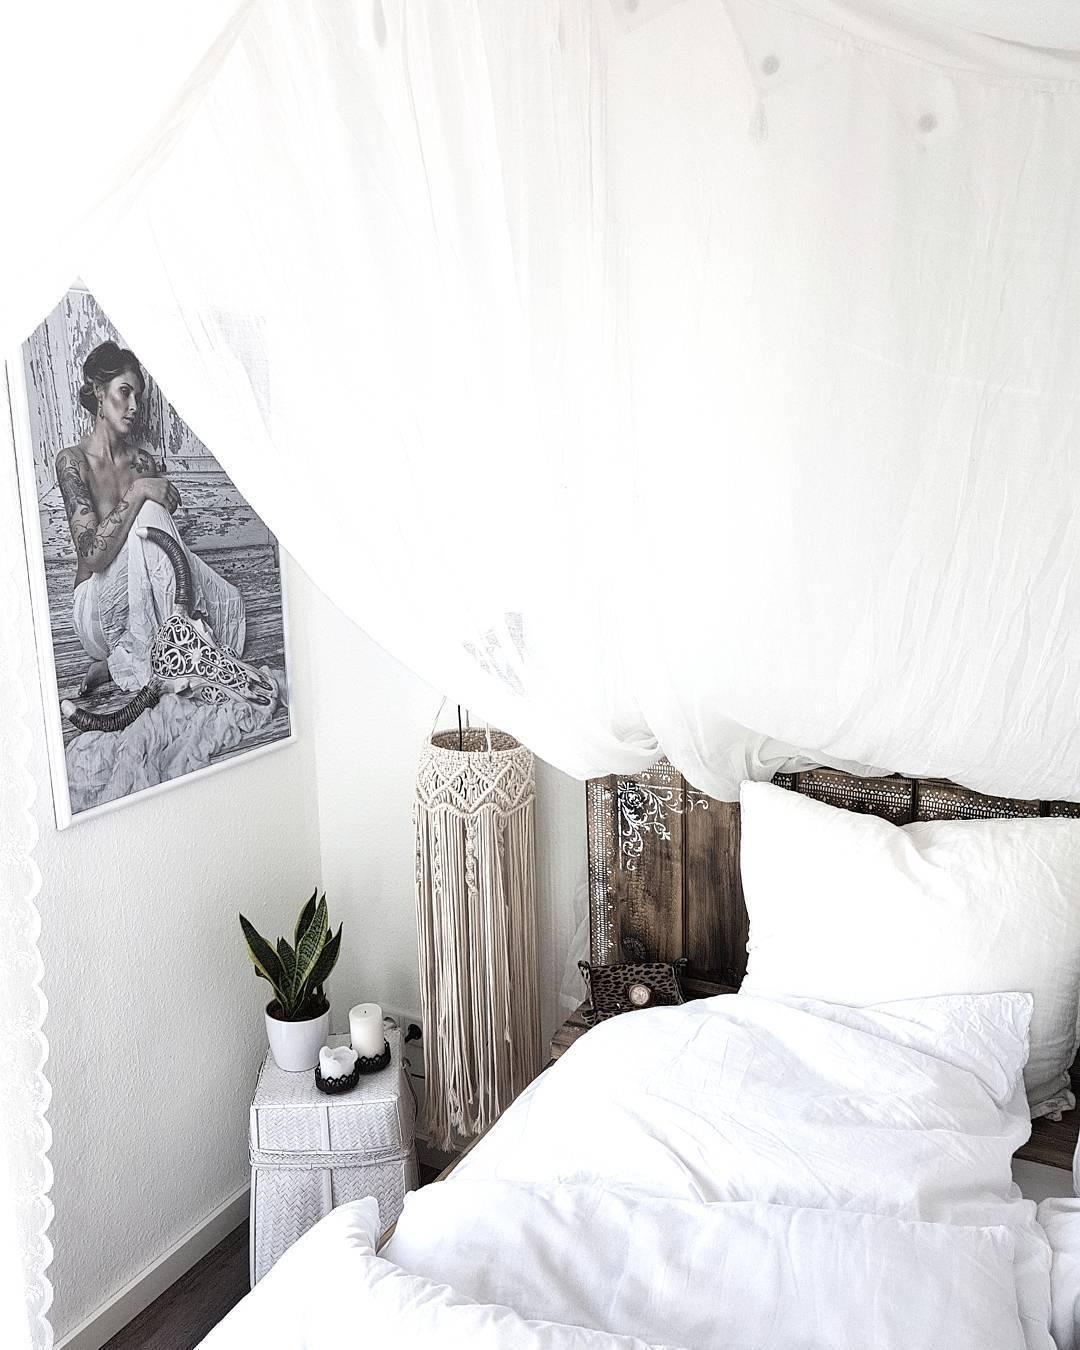 kopfkissen und bettdecke gold deko schlafzimmer kopfkissen gestalten ikea bettdecken 135x200. Black Bedroom Furniture Sets. Home Design Ideas